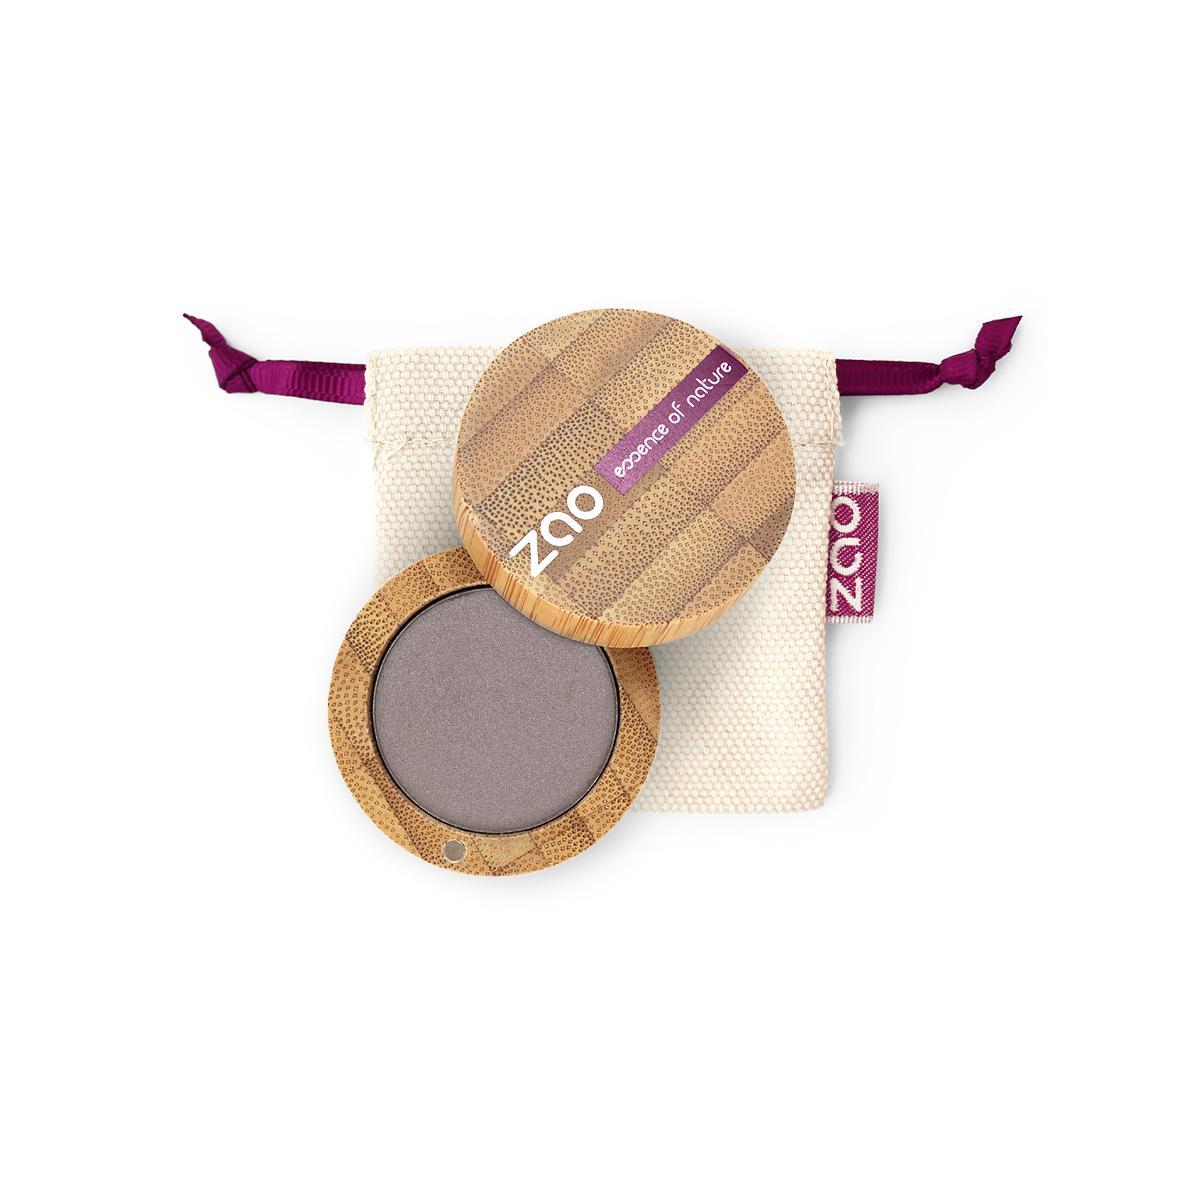 ZAO Třpytivé oční stíny 107 Pearly Brown Gray 3 g bambusový obal